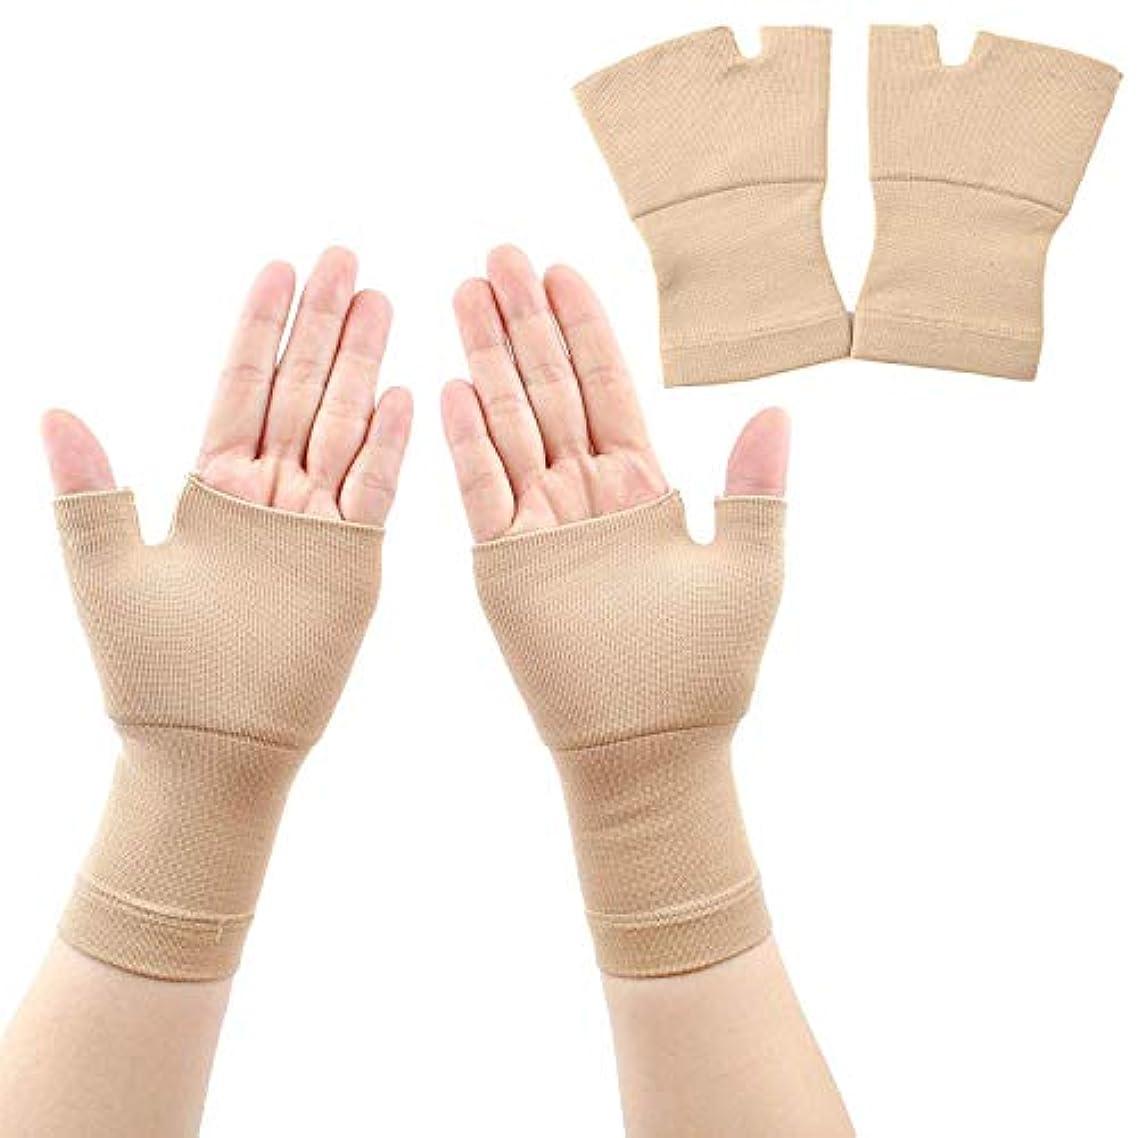 取得するデンプシー圧倒するテニスジムスポーツ腱鞘炎のためのスポーツの包帯リストバンドハンドジムのサポート手首ブレース手根管サポート手首の痛みを軽減するリストコンプレッションストラップ,Flesh,S